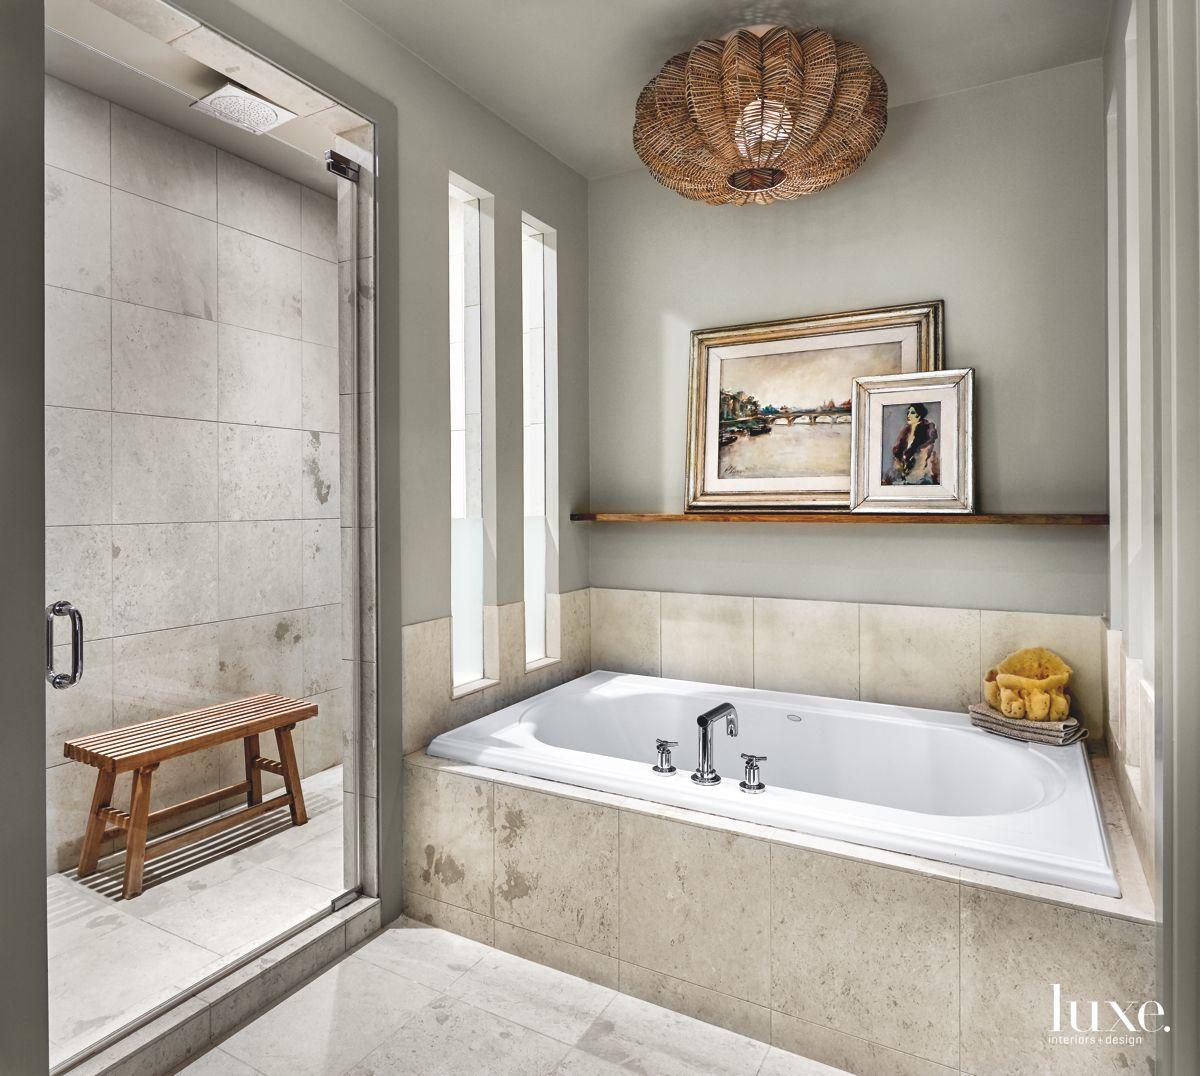 Warm, Stylish Contemporary Master Bath in Chicago Condo